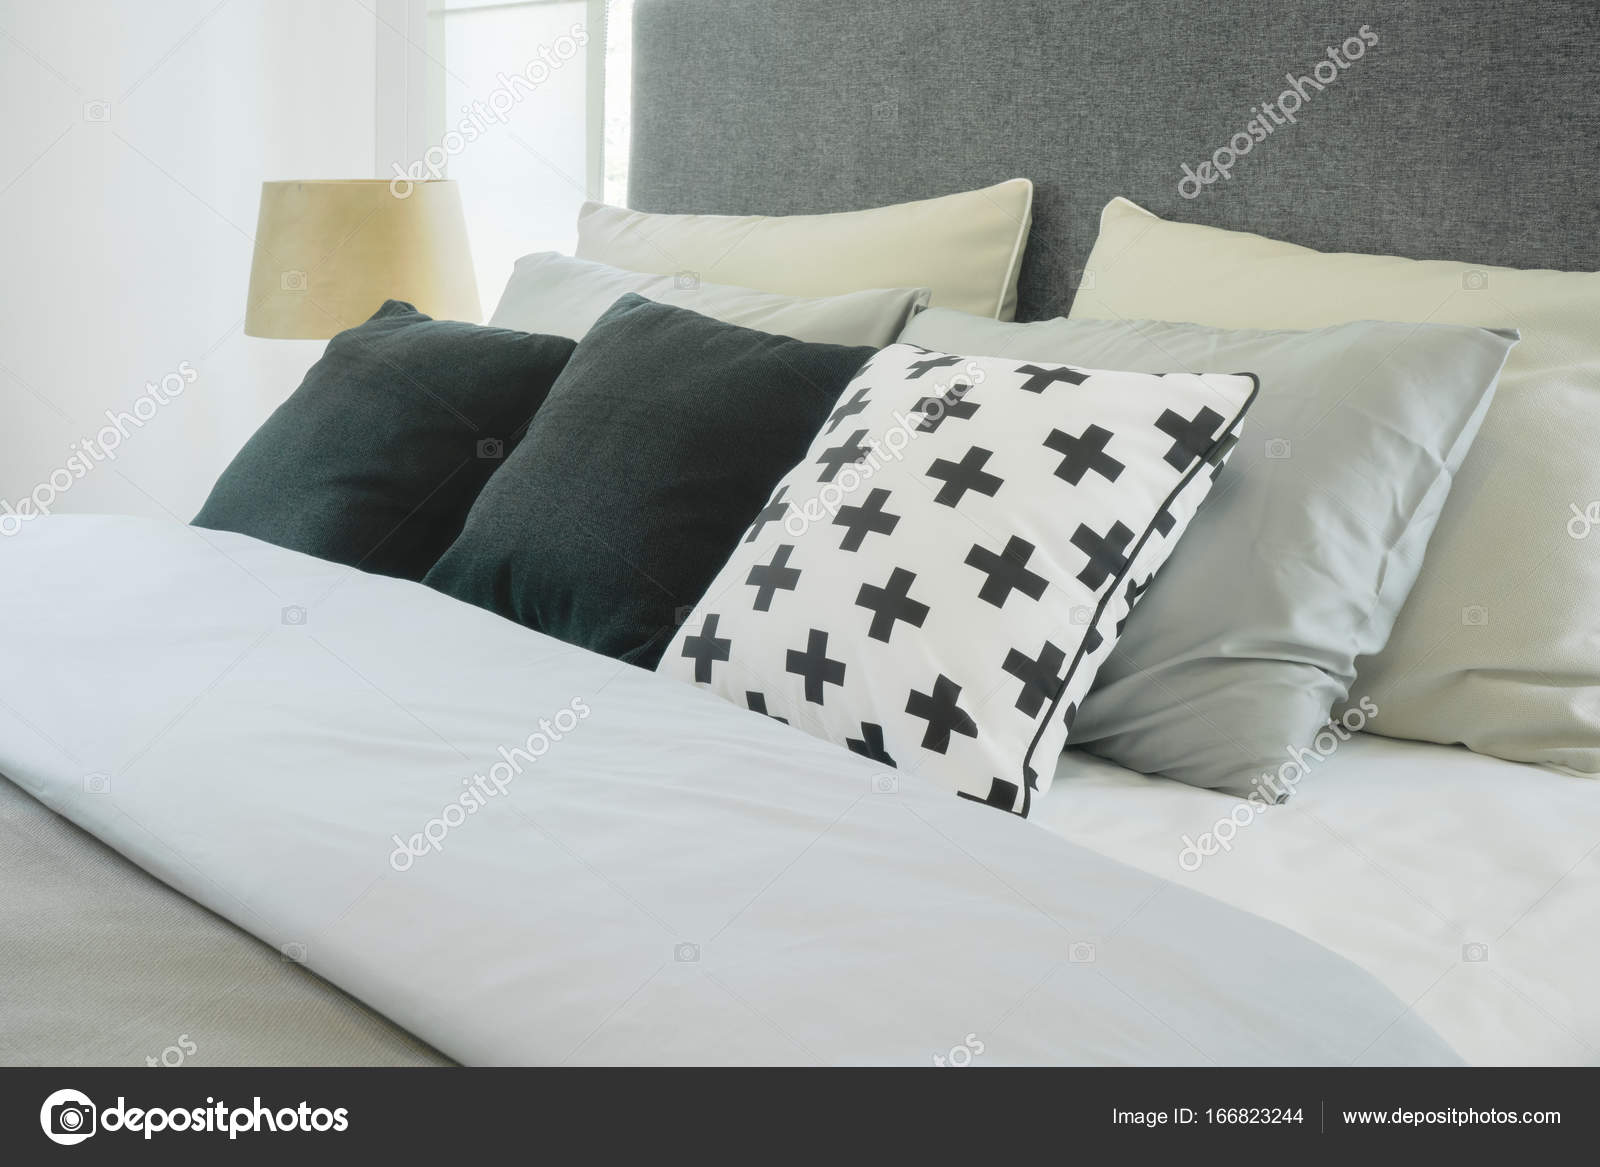 interieur de chambre a coucher moderne avec oreillers et lampe de lecture jeu de couleurs noir et blanc images de stock libres de droits